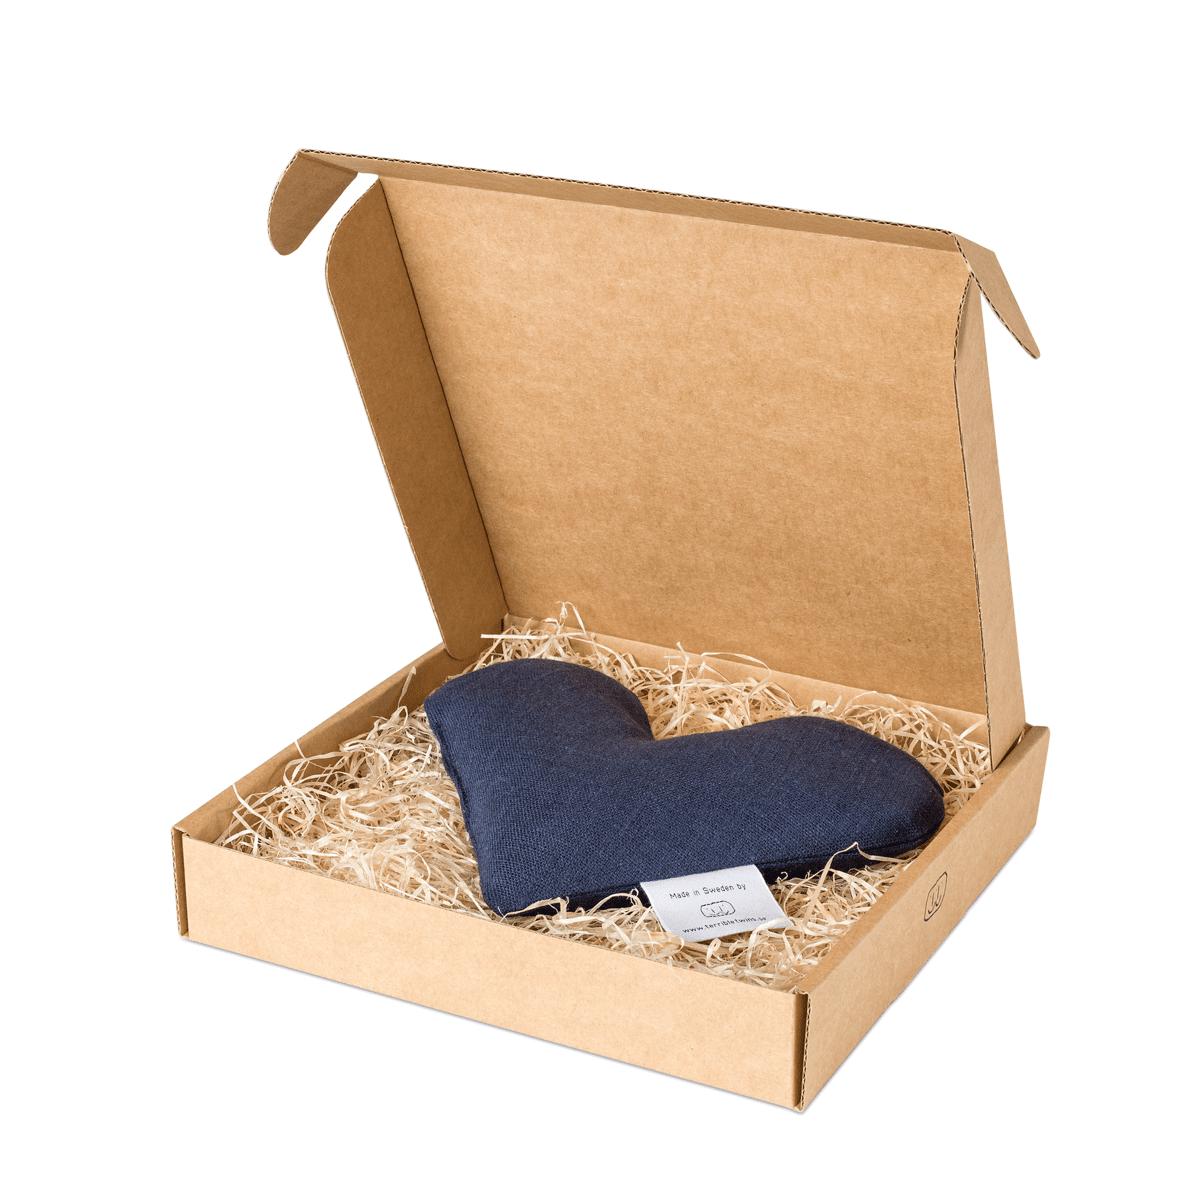 Marinblå sweetheart vetevärmare i förpackning